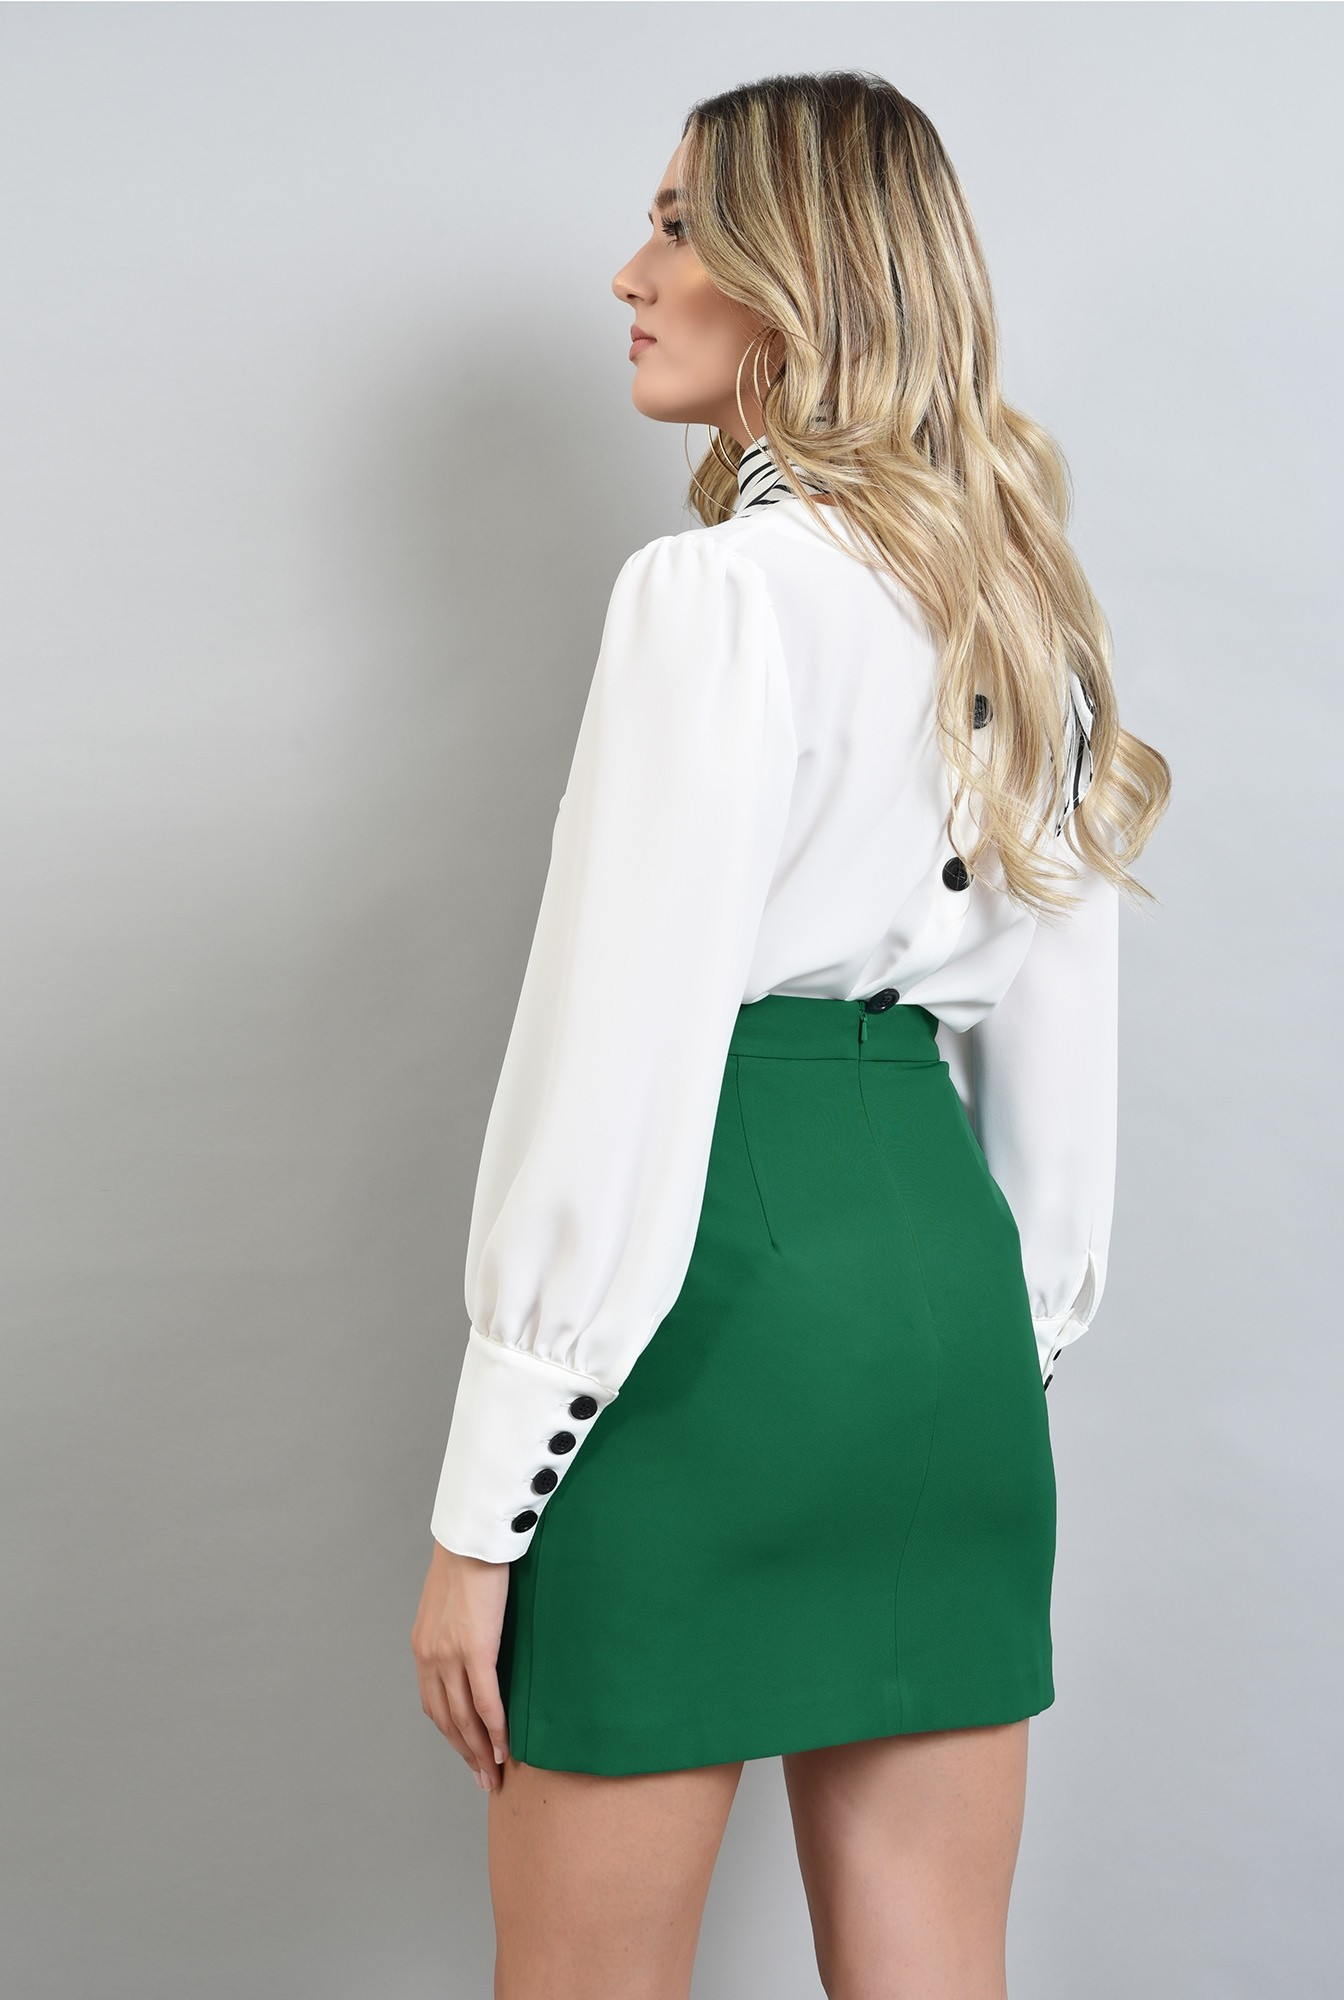 1 - fusta cu talie medie, mini, verde, Poema